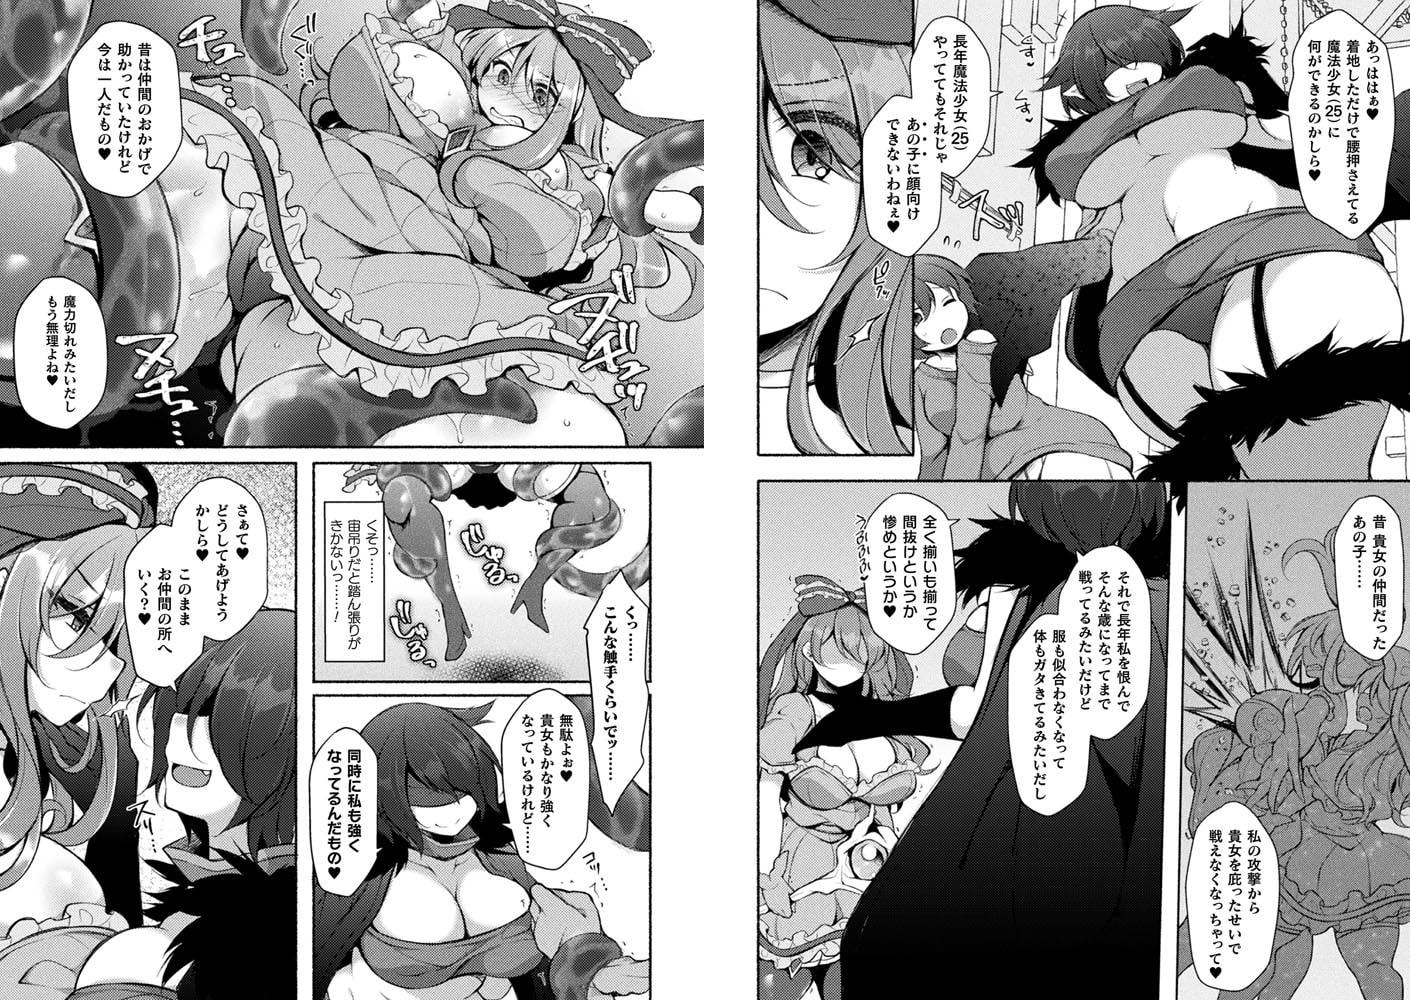 敗北乙女エクスタシーVol.24のサンプル22